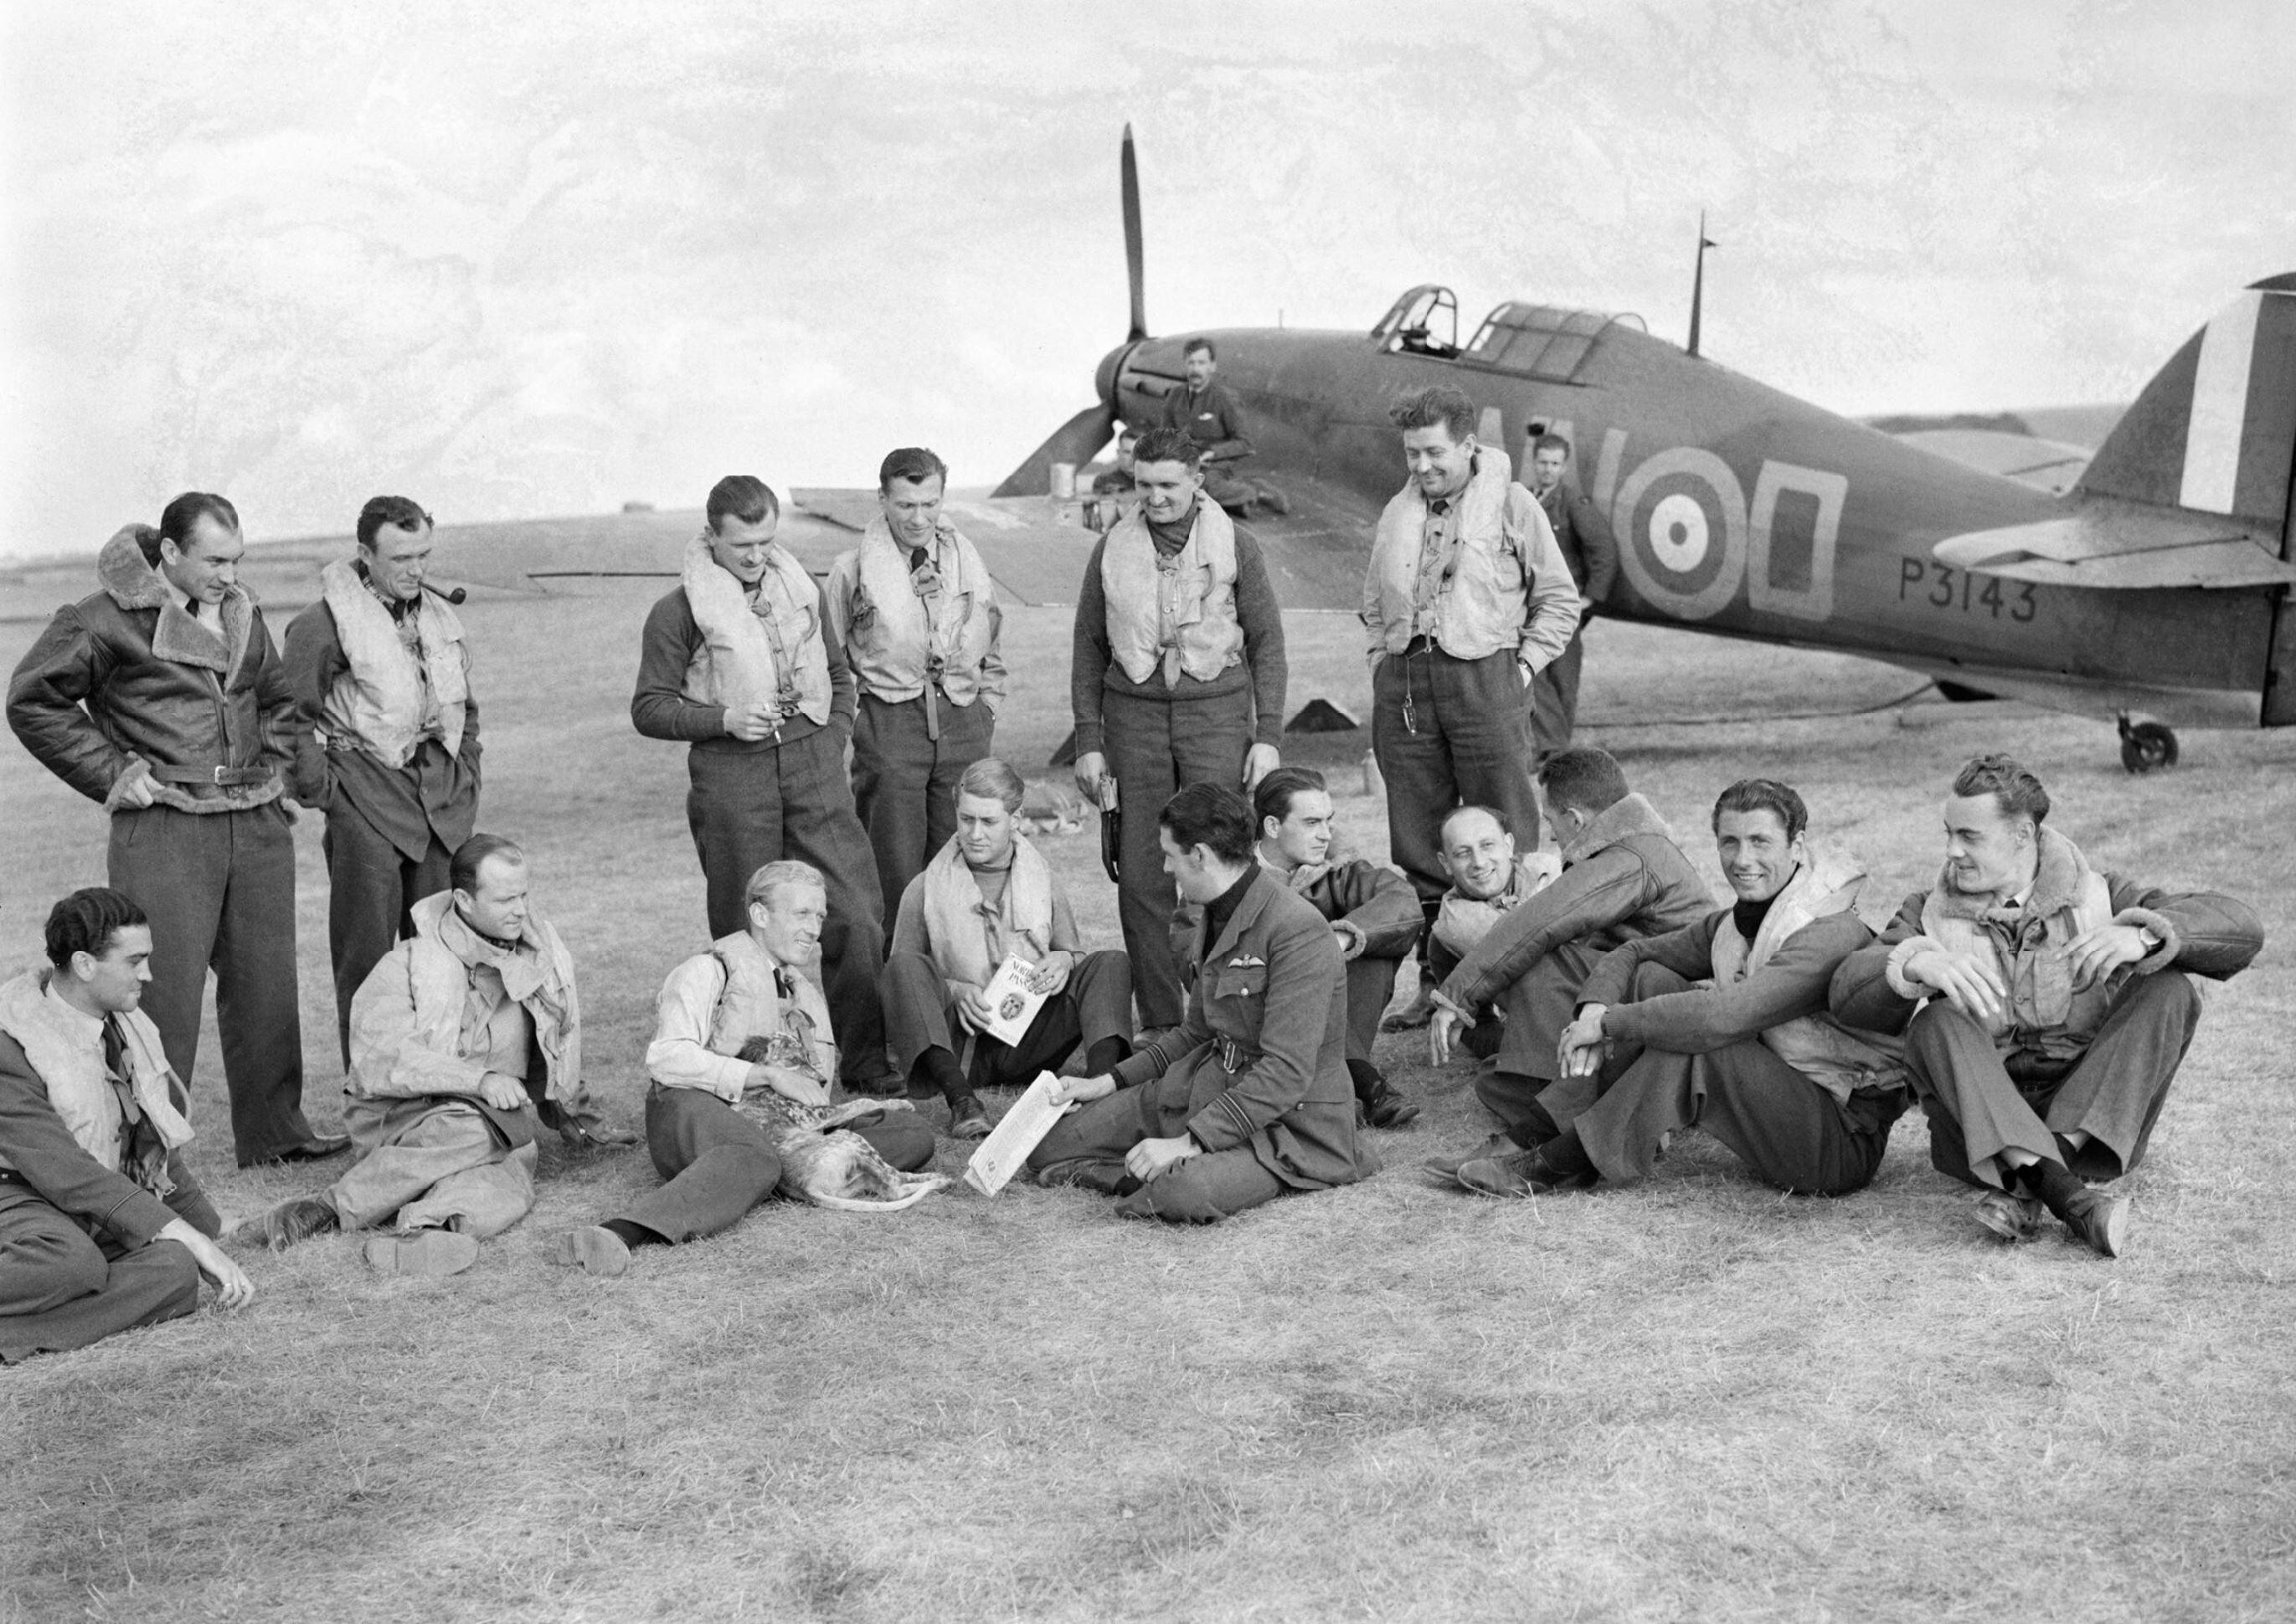 Hurricane MkI RAF 310Sqn NND P3143 Duxford 7 Sep 1940 IWM CH1299